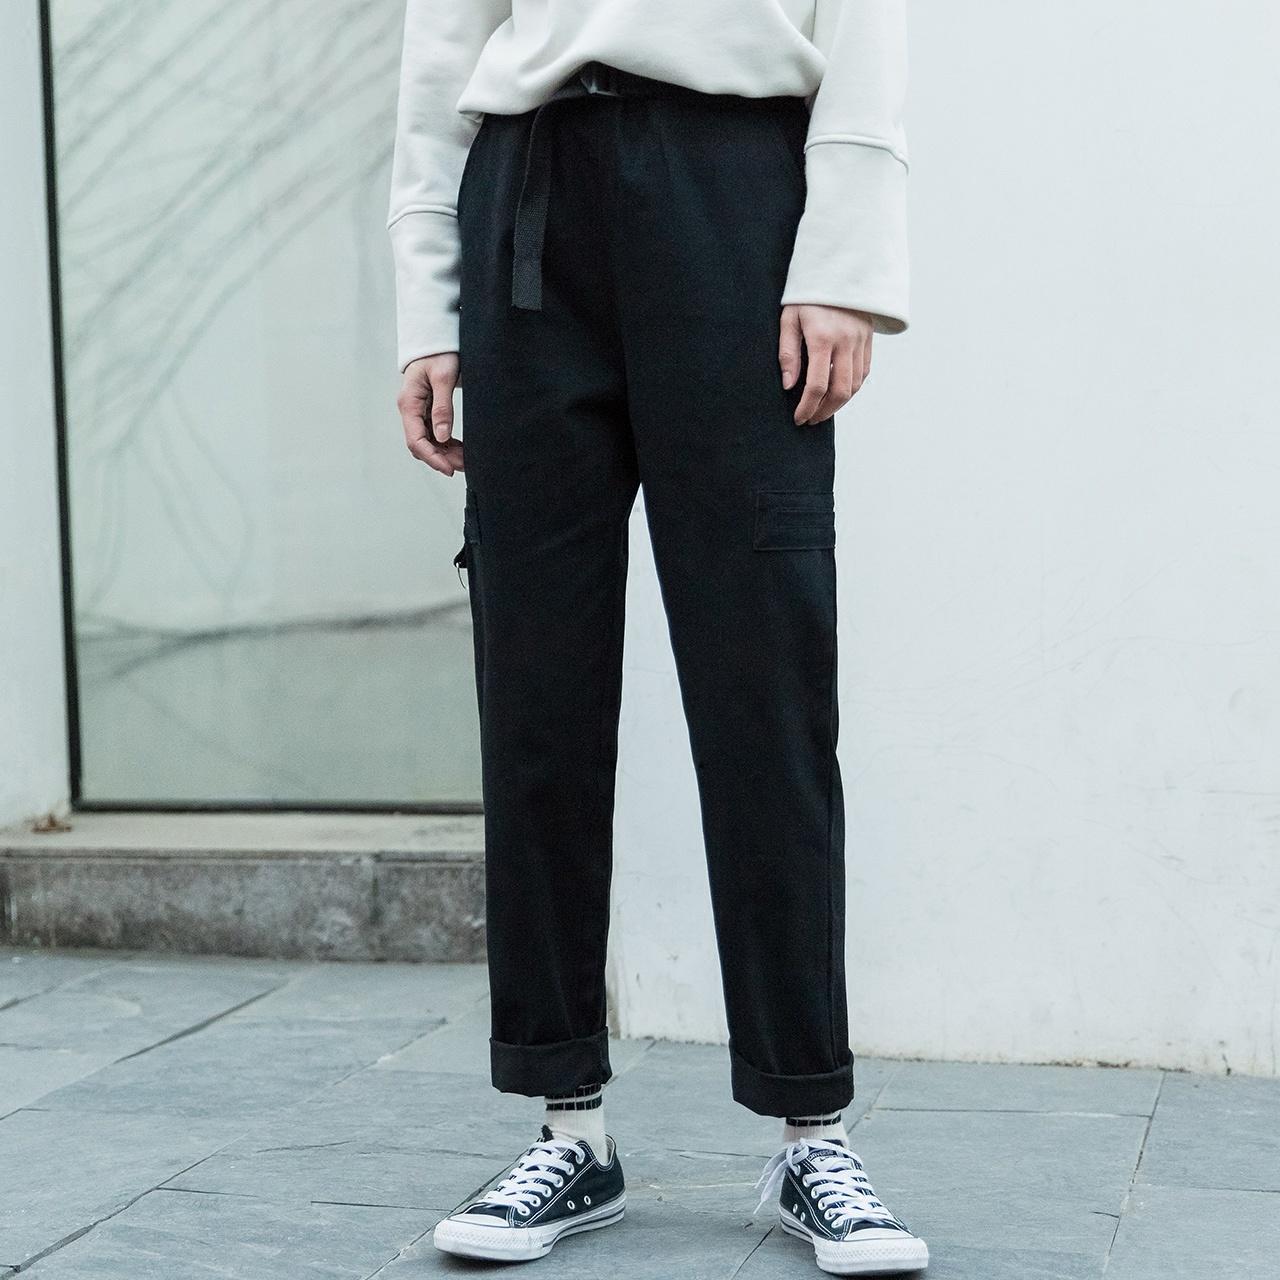 丧系裤子春2018新款宽松怪味休闲法式工装裤女bf直筒学生韩版帅气